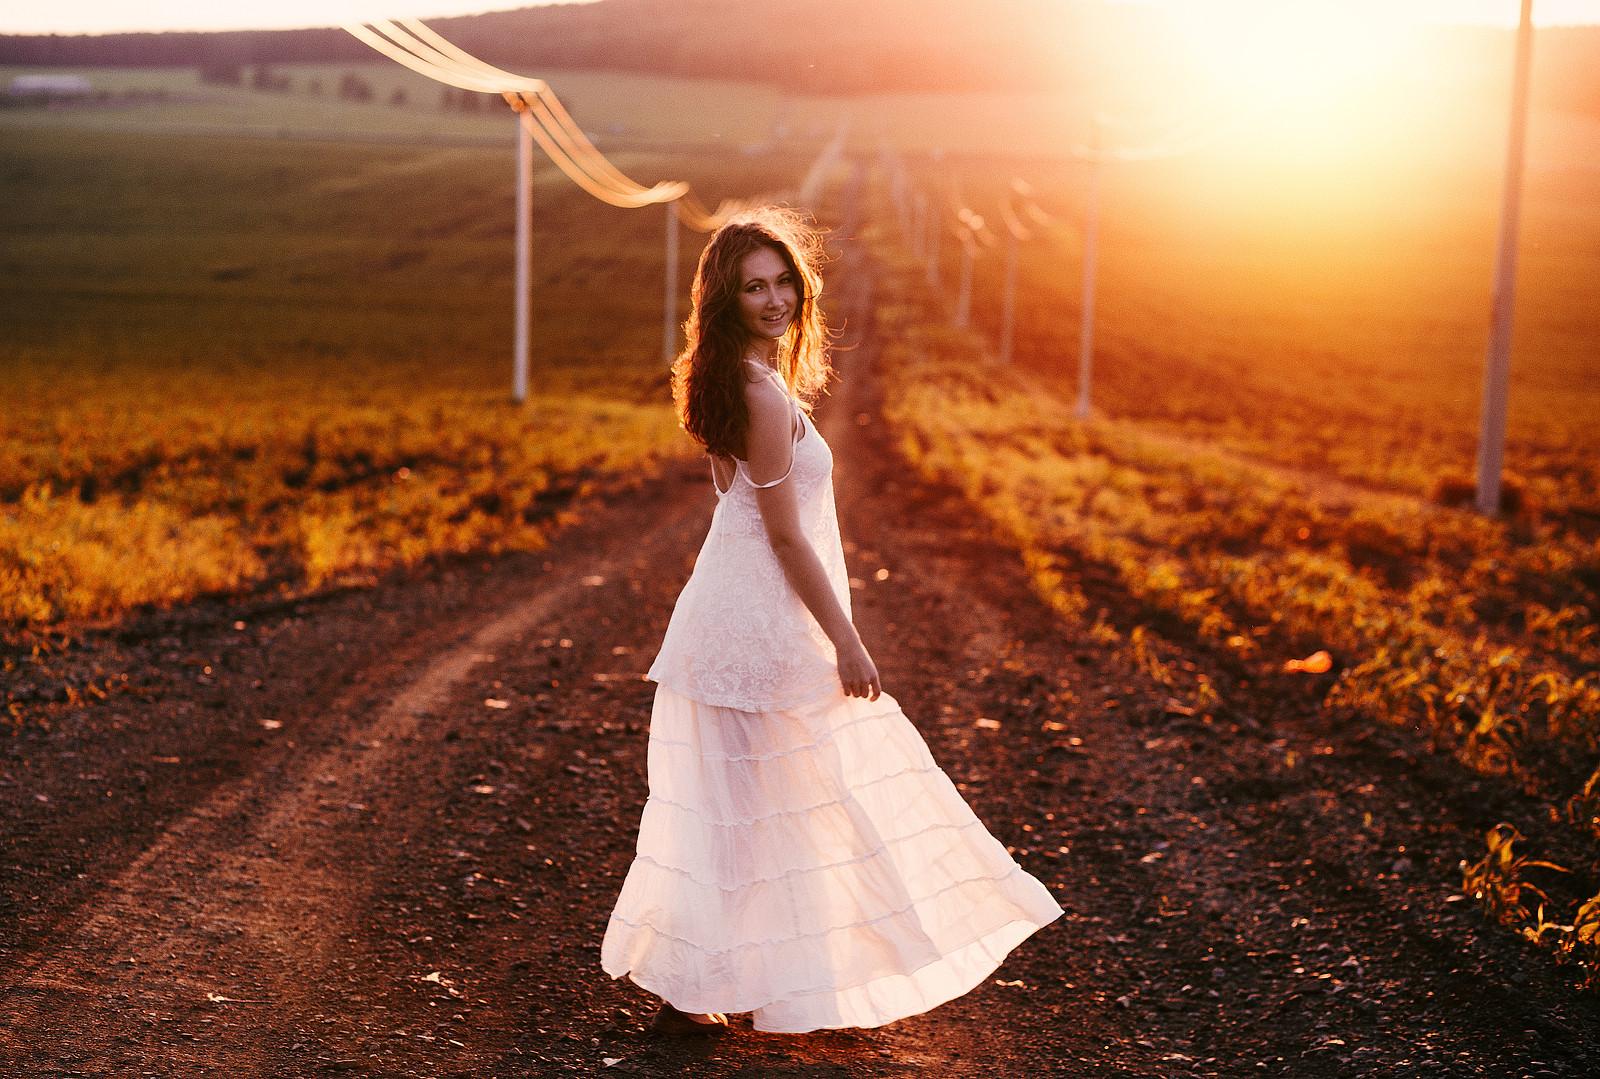 Фото красивых девушек в лучах солнца, Девушка в лучах солнца Girl in the sun Похожие фото 5 фотография